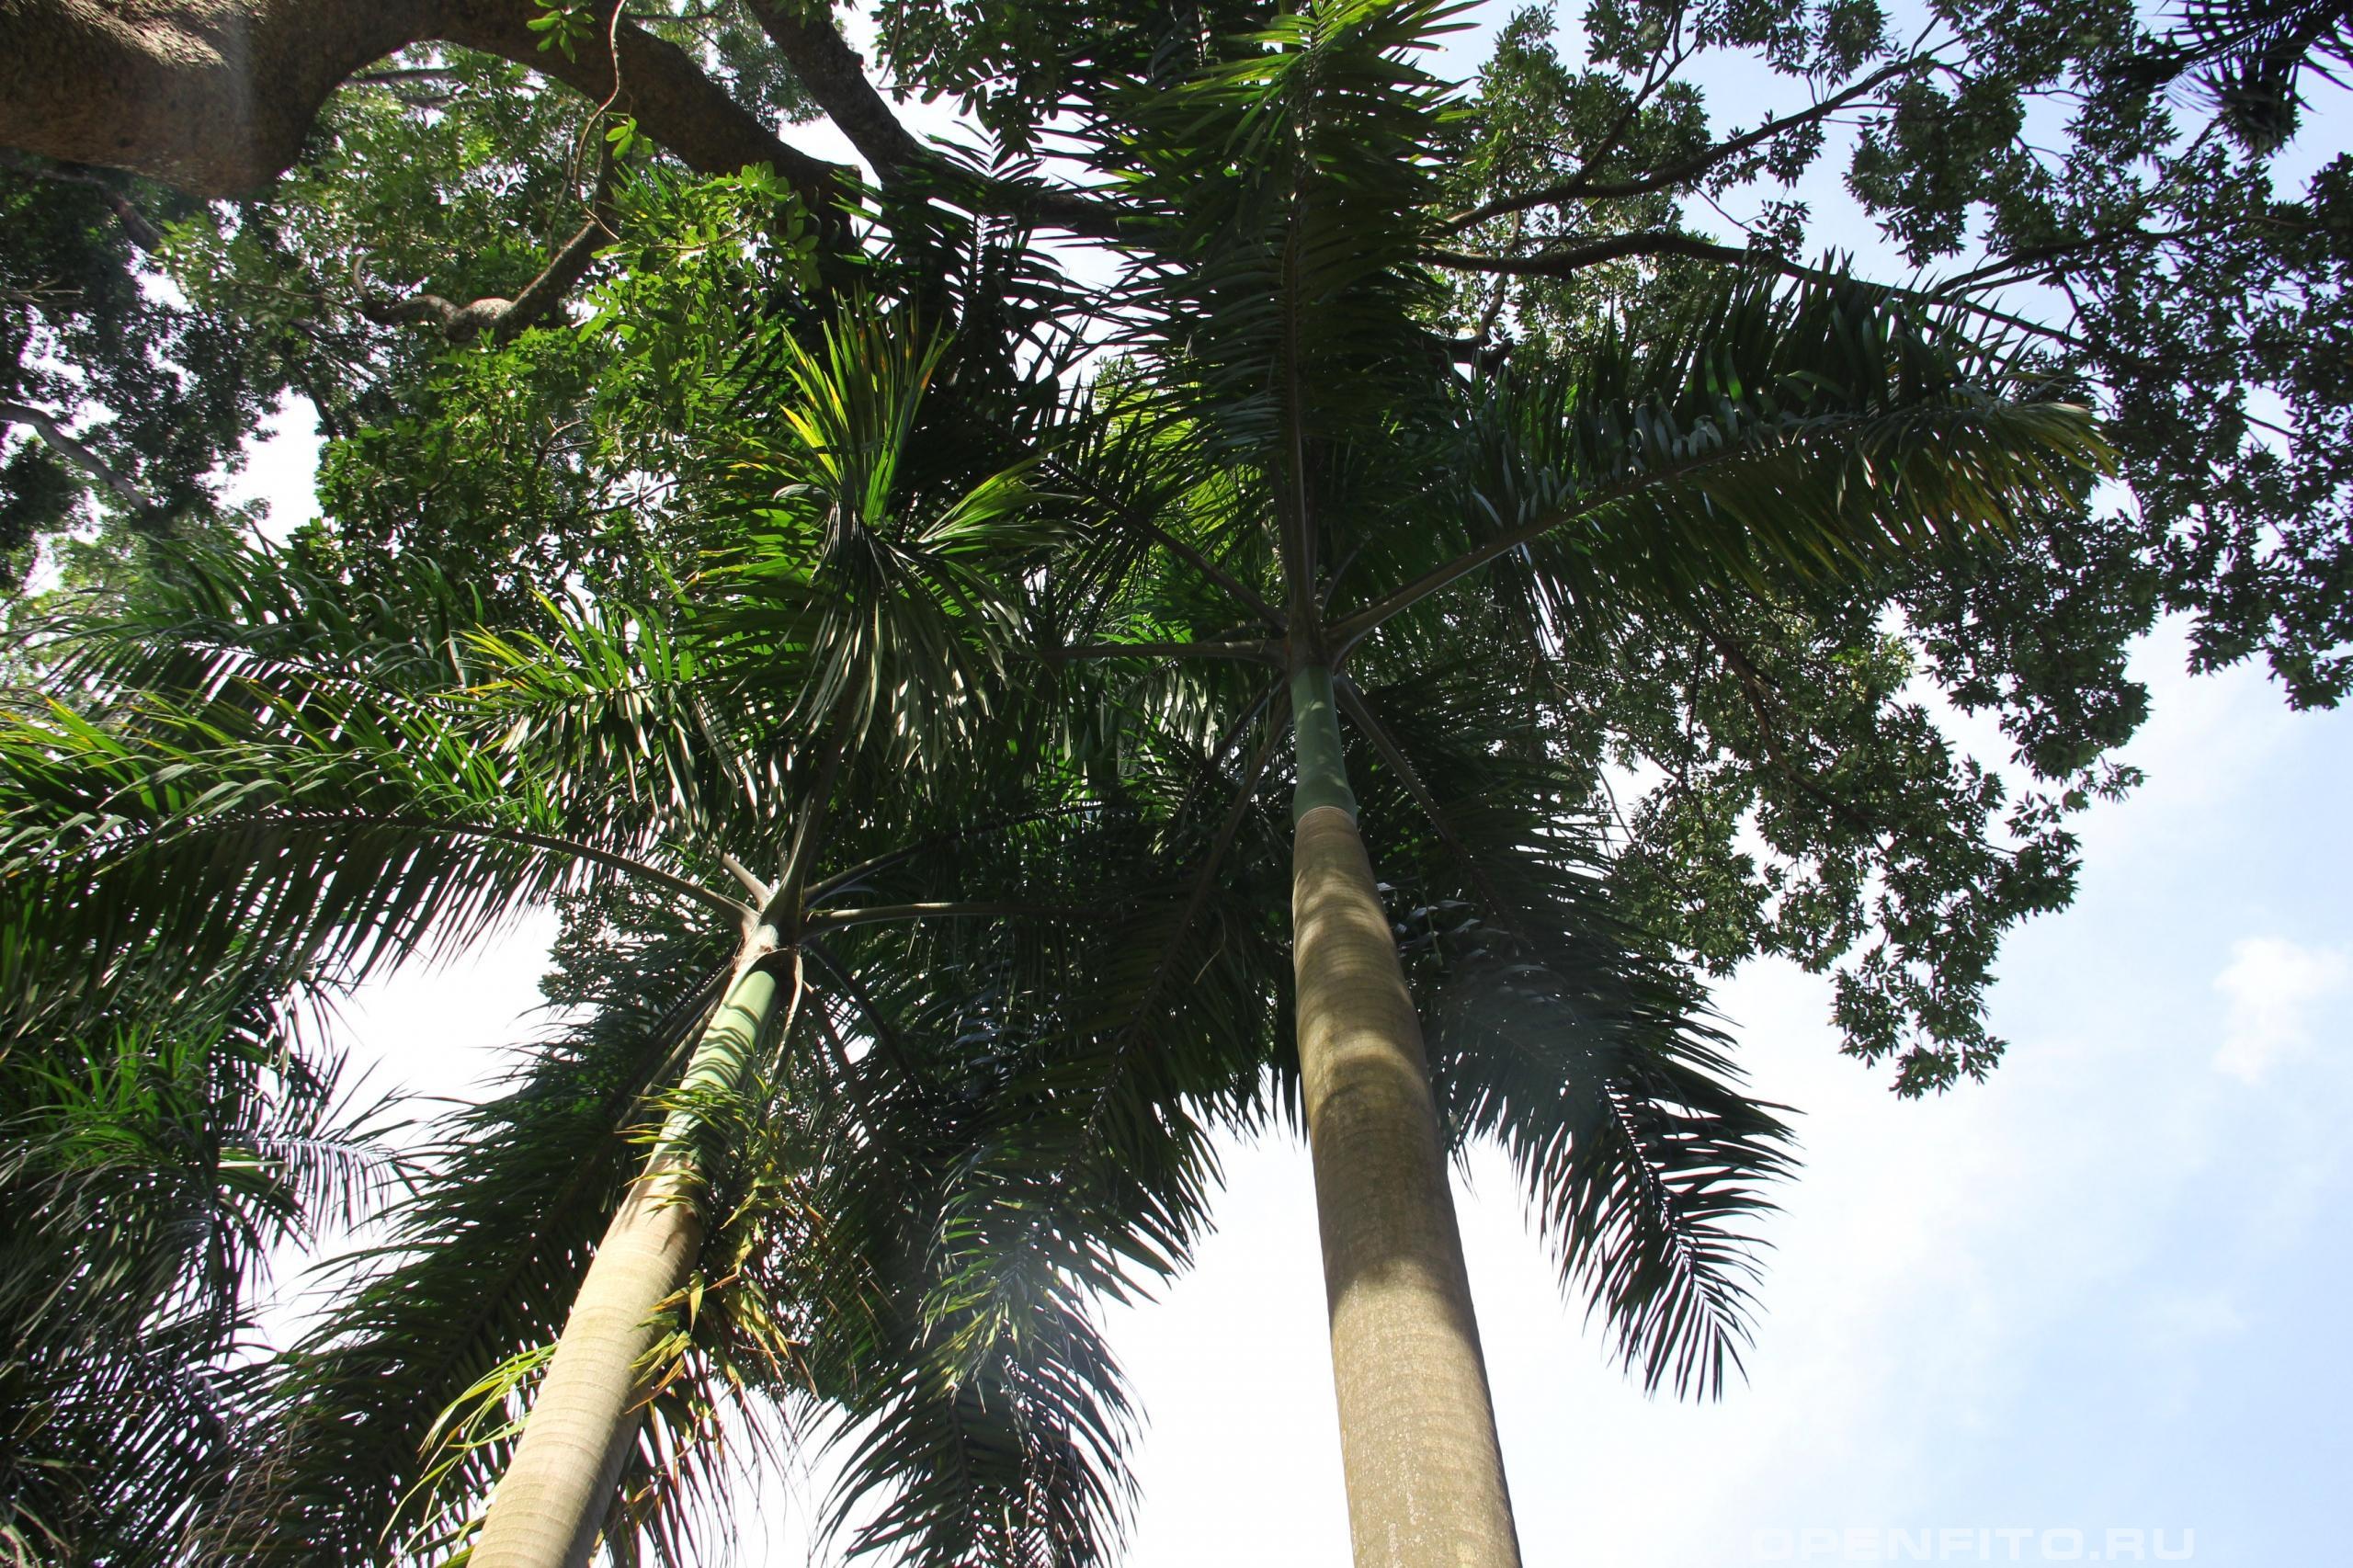 Пальма кубинская другое название Ройстоунея кубинская или Королевская пальма